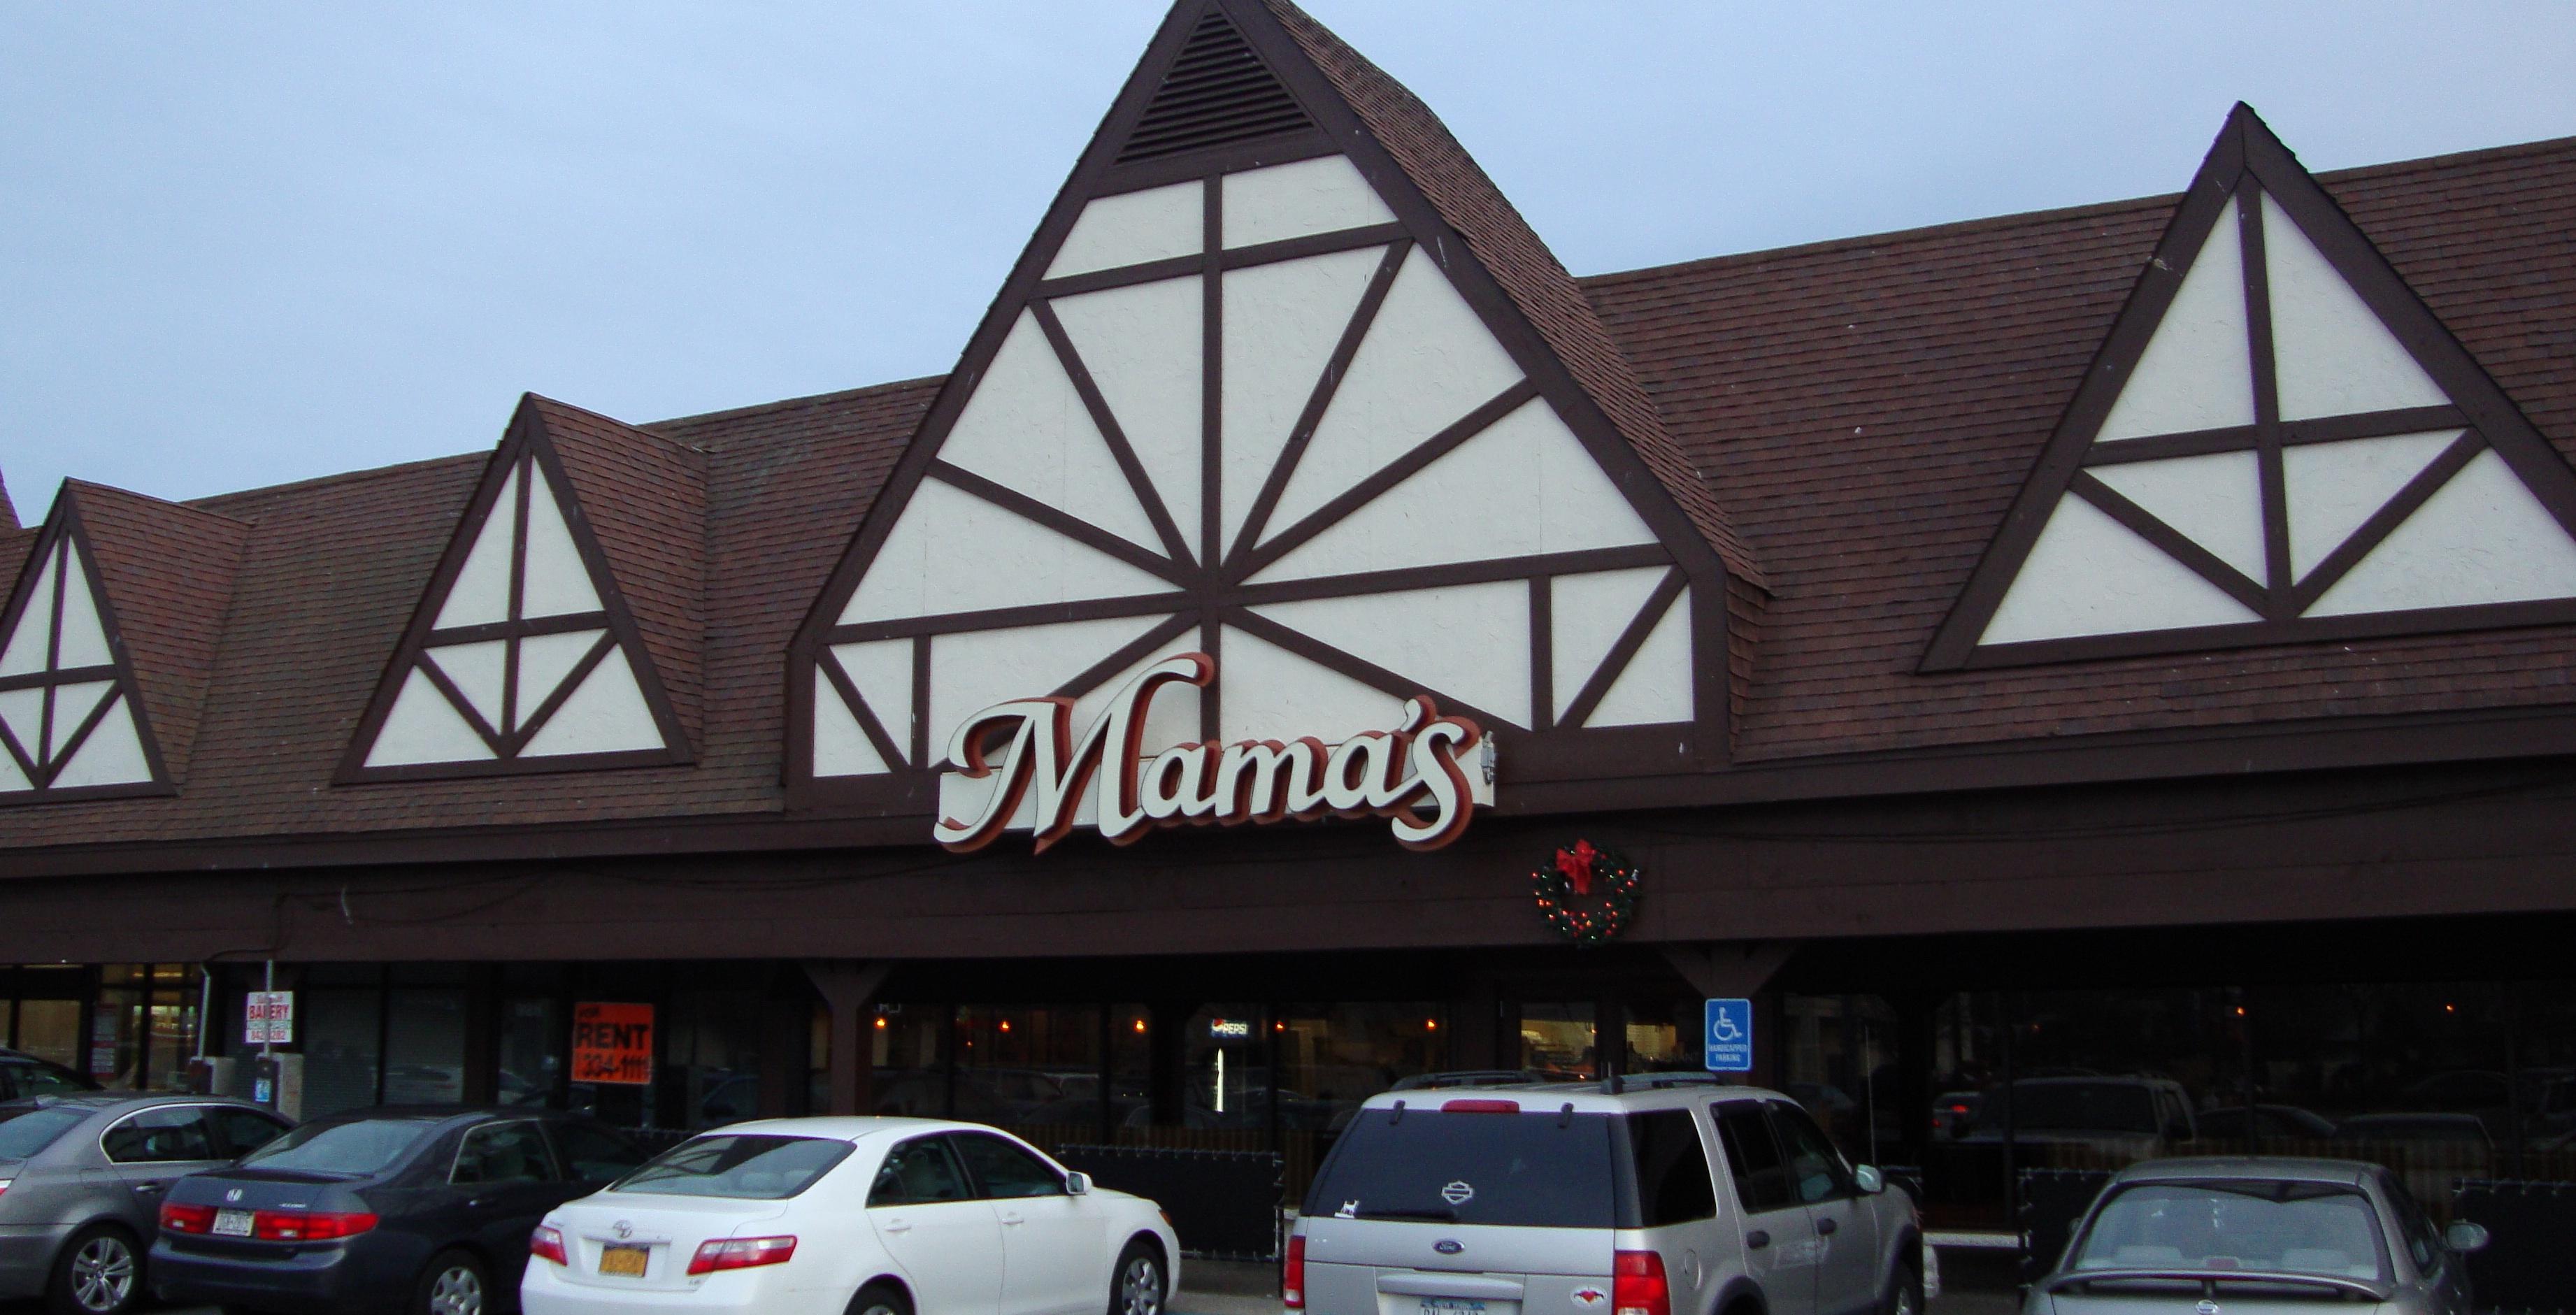 Restaurante en Long Island Paga $800,000 en un Acuerdo por Violaciones de Salario Mínimo y Horas Extras